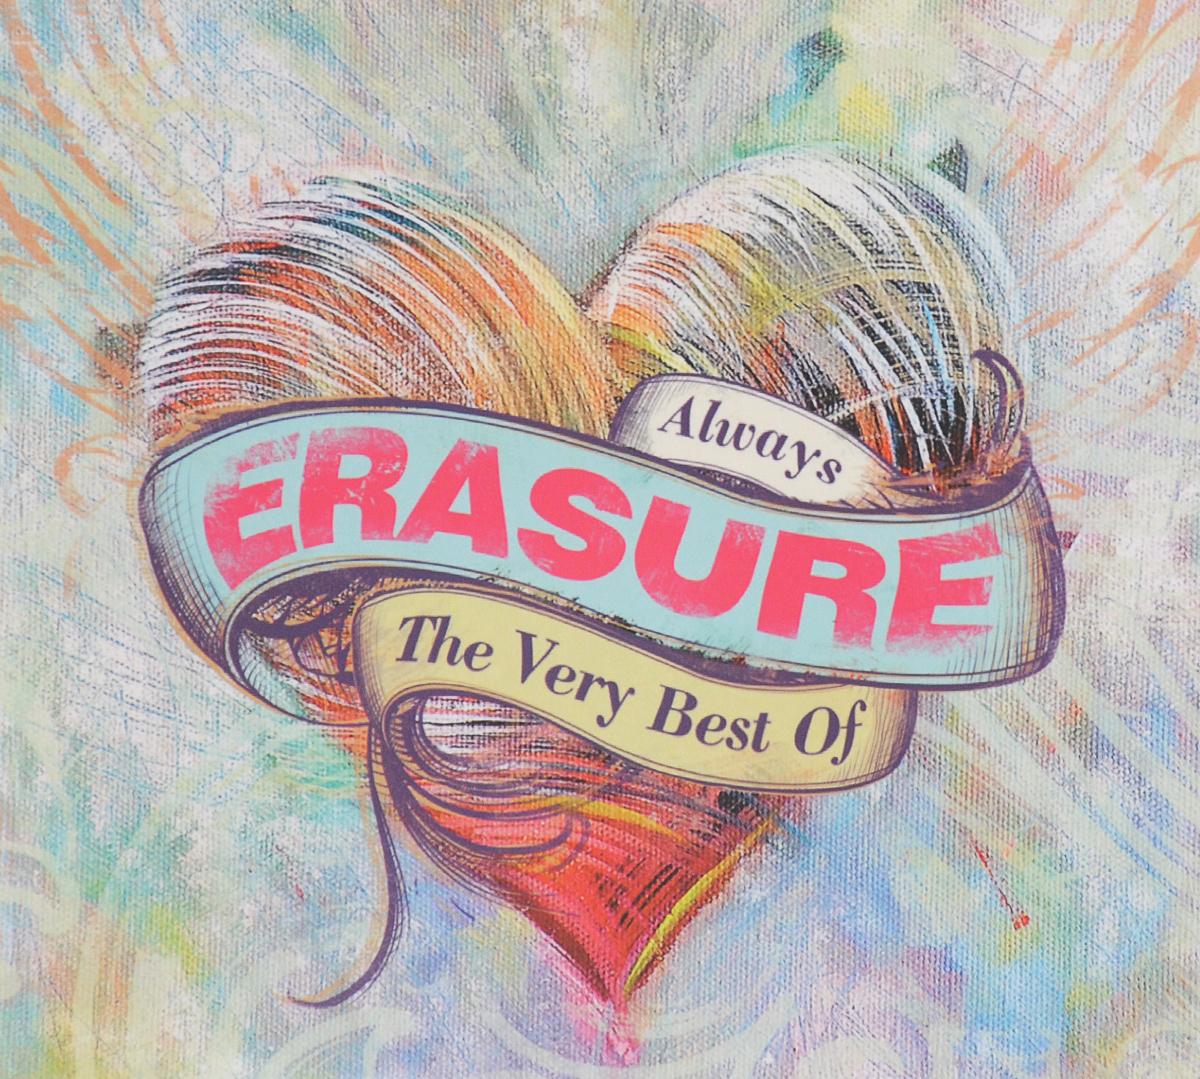 Erasure Erasure. Always The Very Best Erasure erasure erasure world be gone